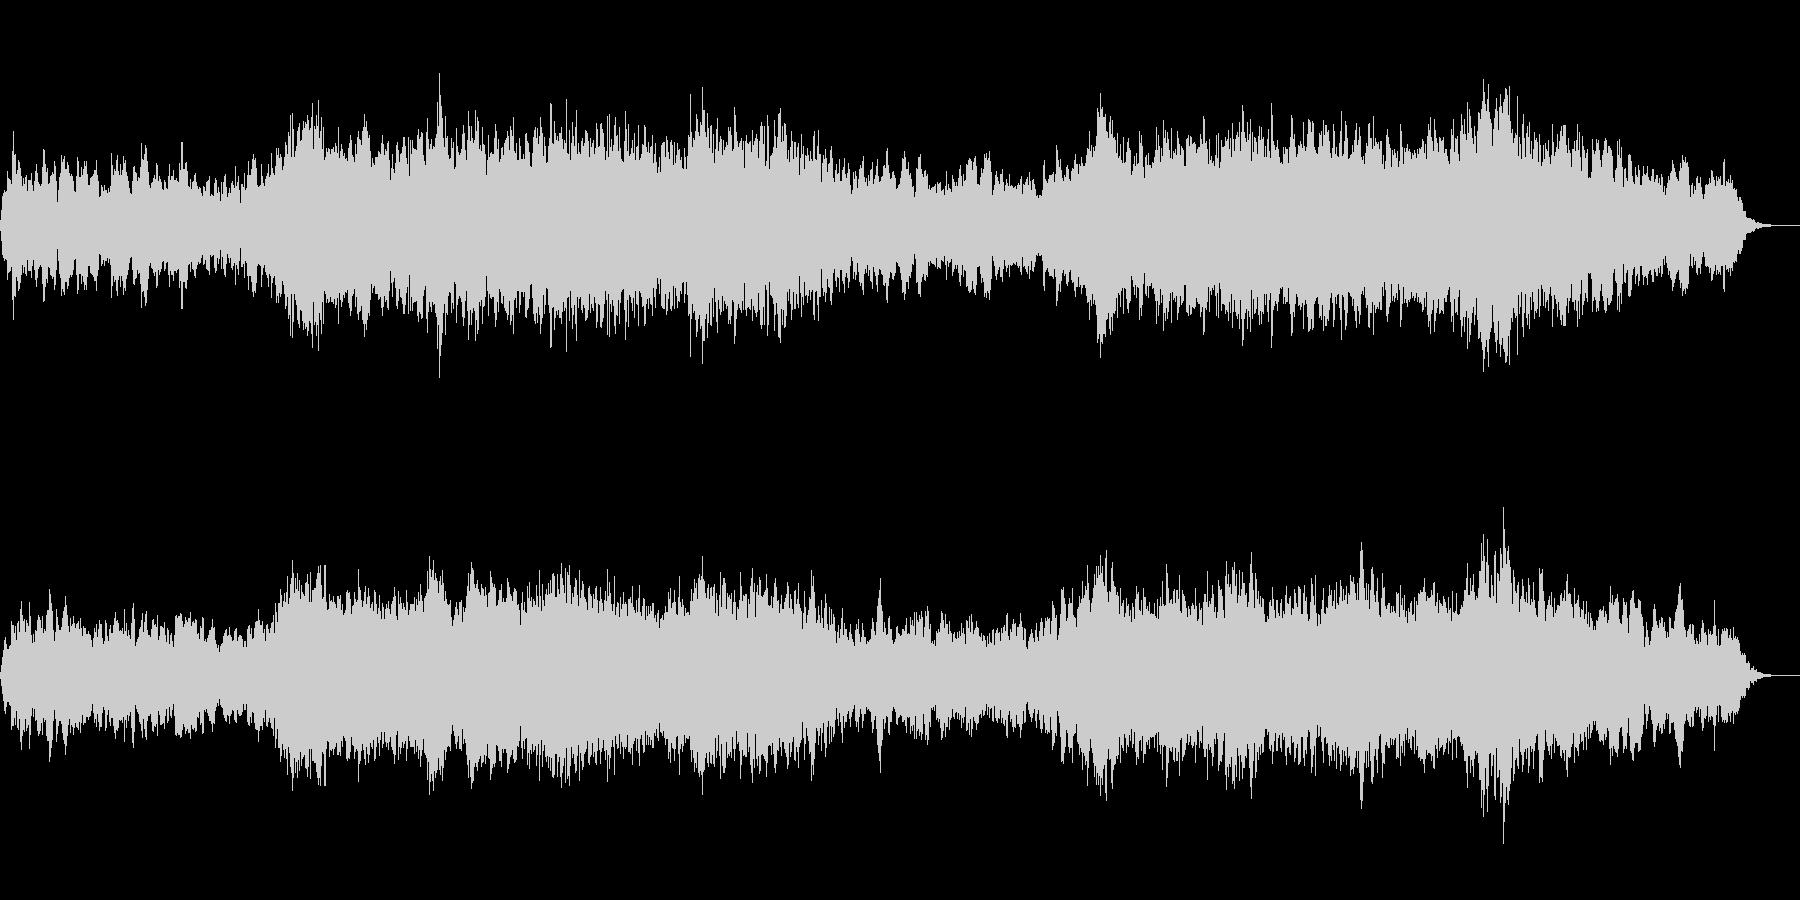 アンビエント環境音楽ヒーリング-05の未再生の波形